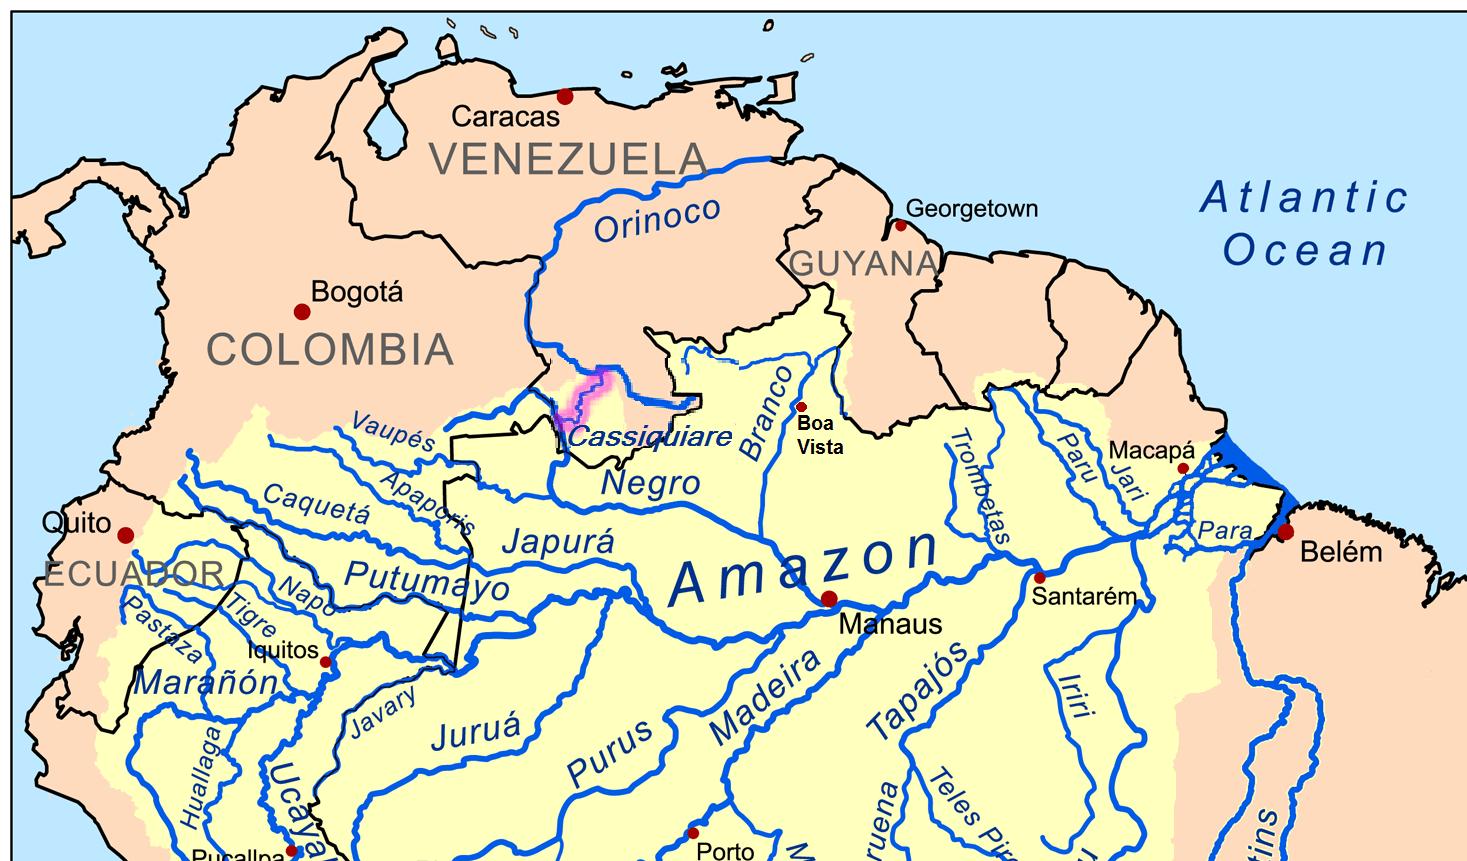 Amazon Orinoco Link Venezuela Believesteve Stevenrichardmiller